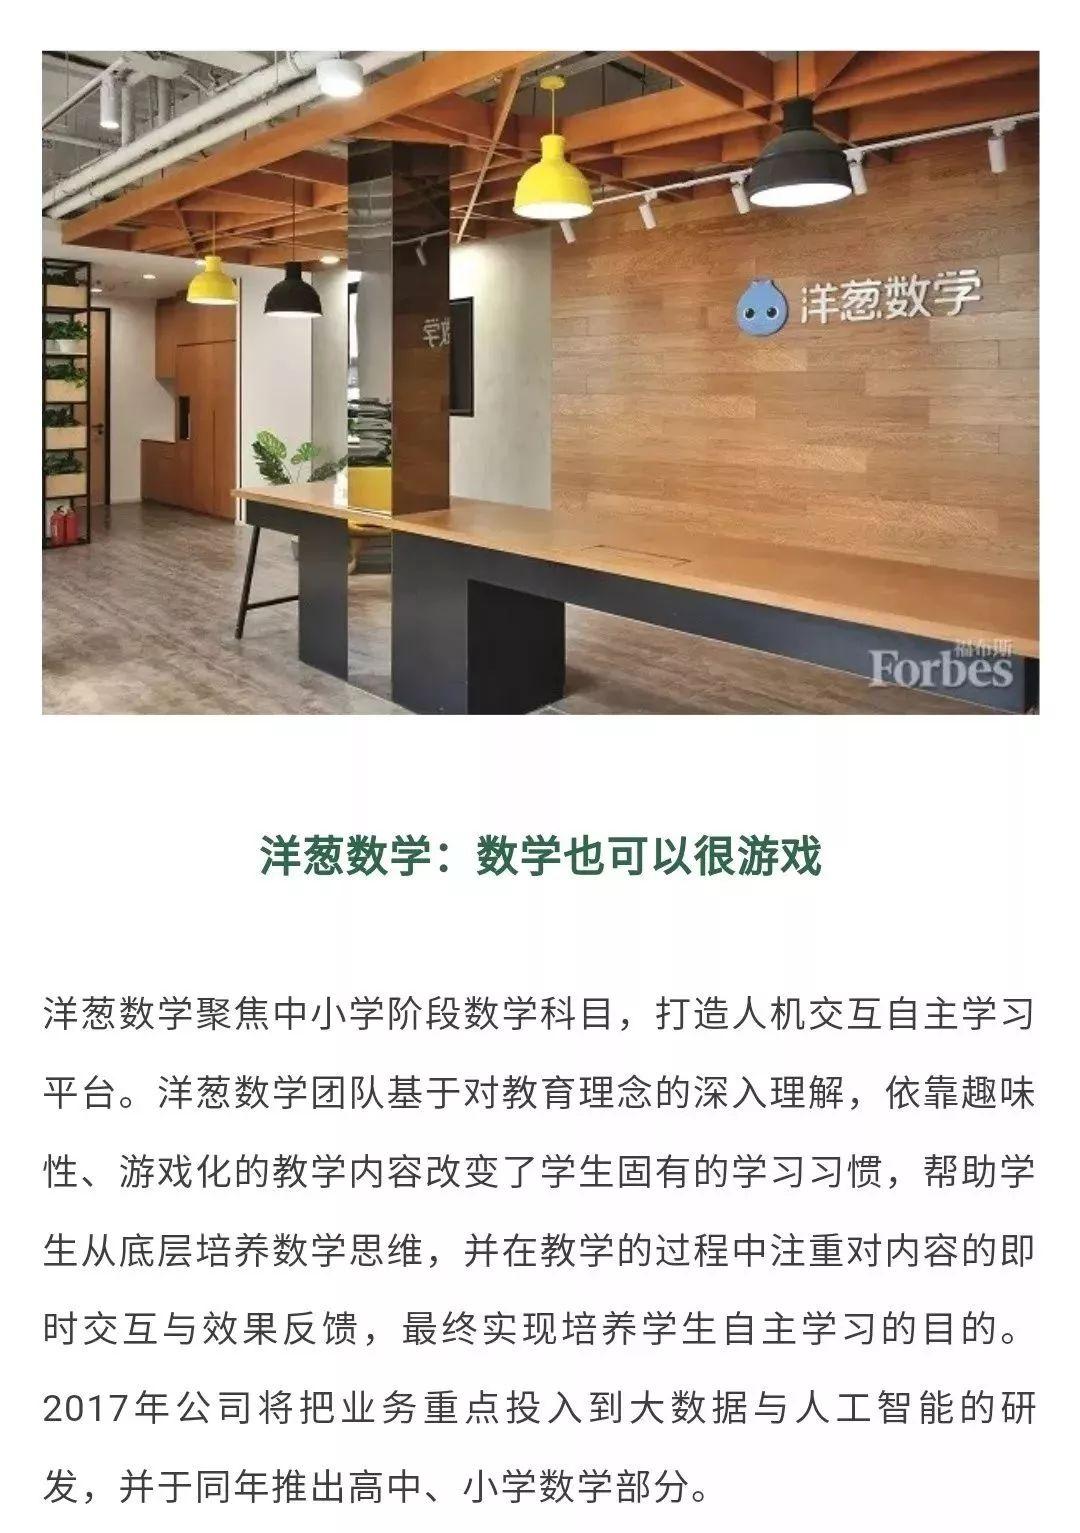 洋葱数学入选福布斯中国最具创新力企业50强